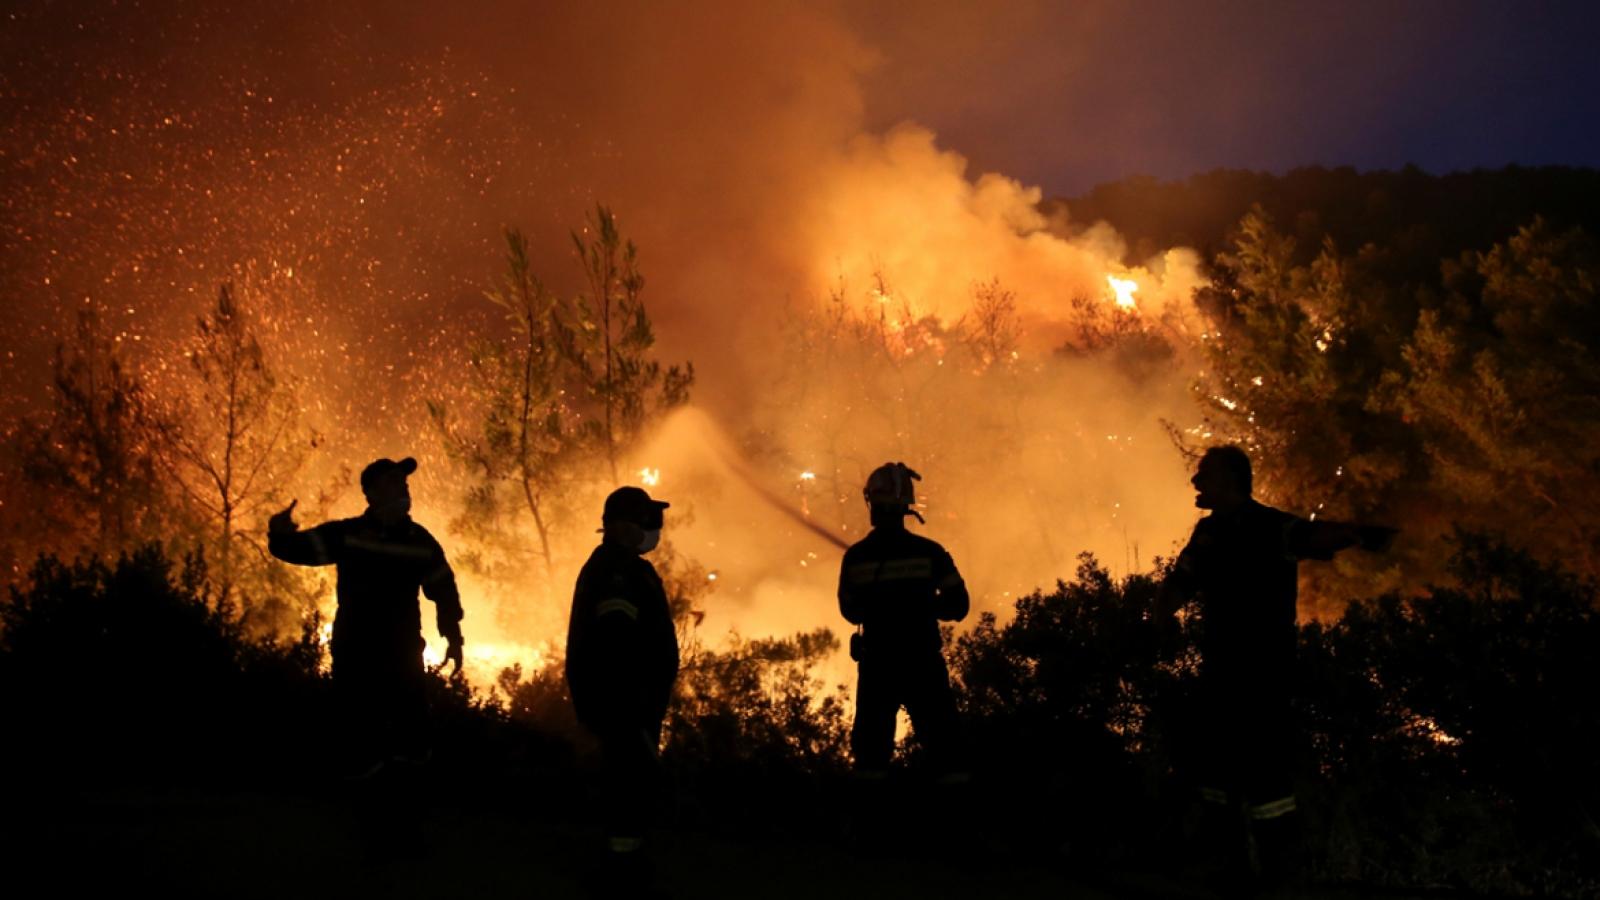 Tháng 7 nắng nóng kỷ lục, nhiều quốc gia đối mặt với cháy rừng nghiêm trọng